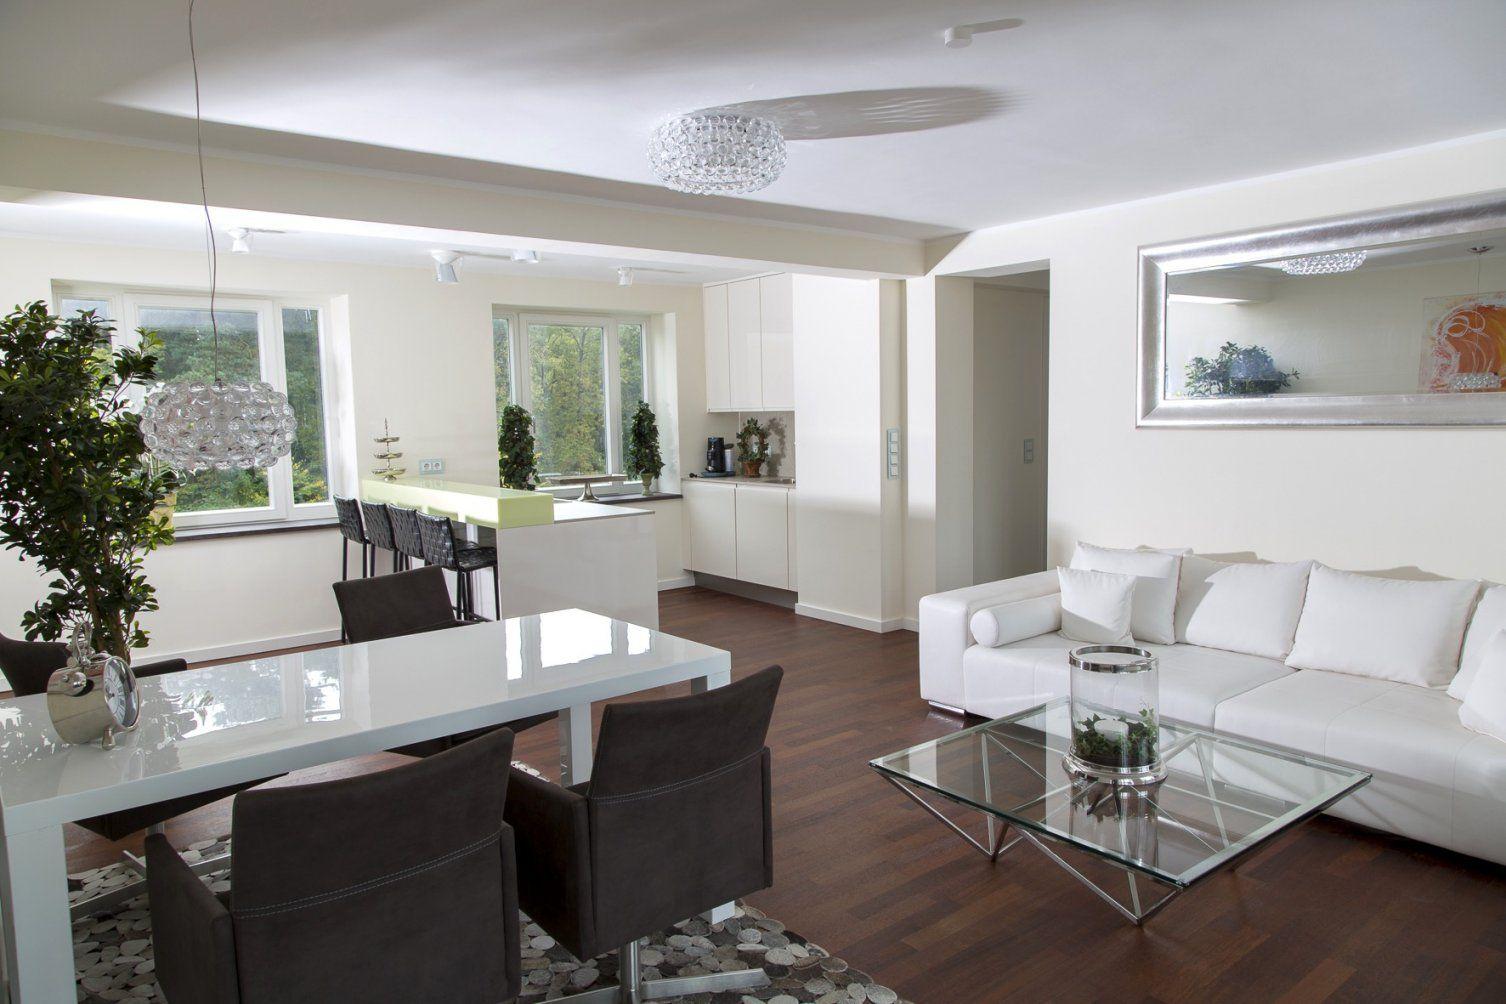 wohn und esszimmer gestalten best esszimmer einrichten beispiele best wohn capitalvia. Black Bedroom Furniture Sets. Home Design Ideas